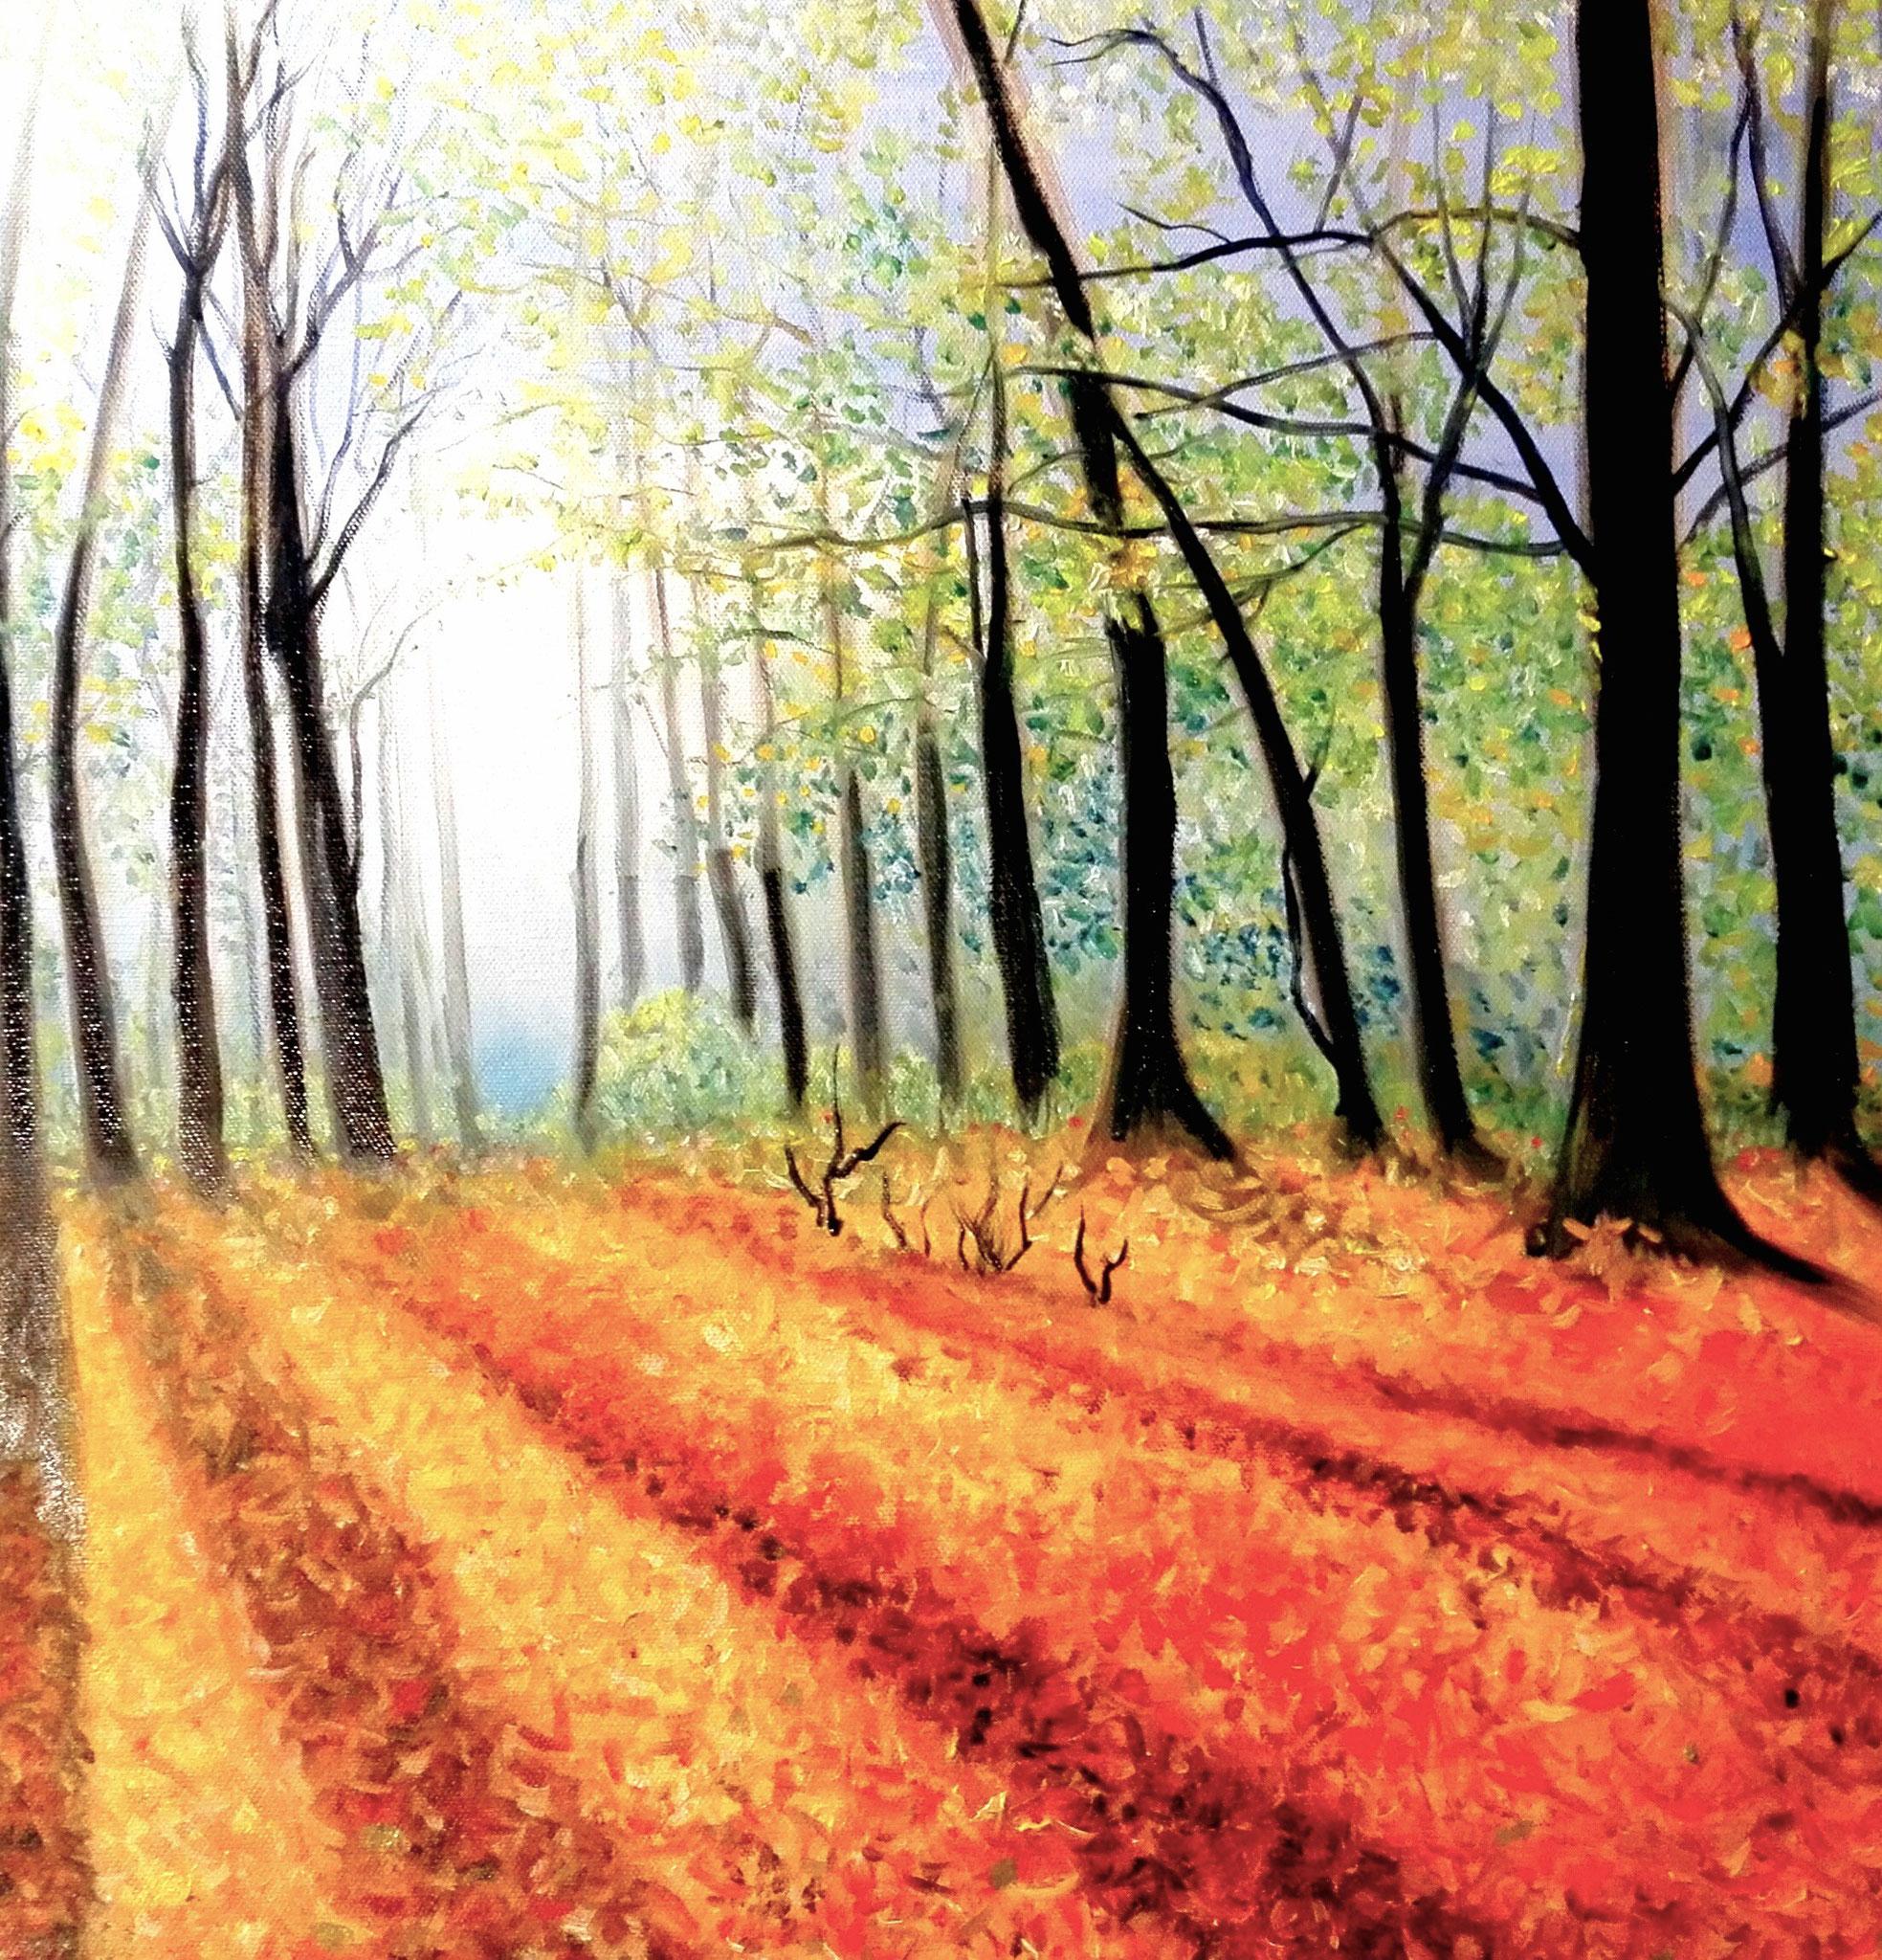 Bayerischer Wald, Oilpainting, 50x50 cm, 2017